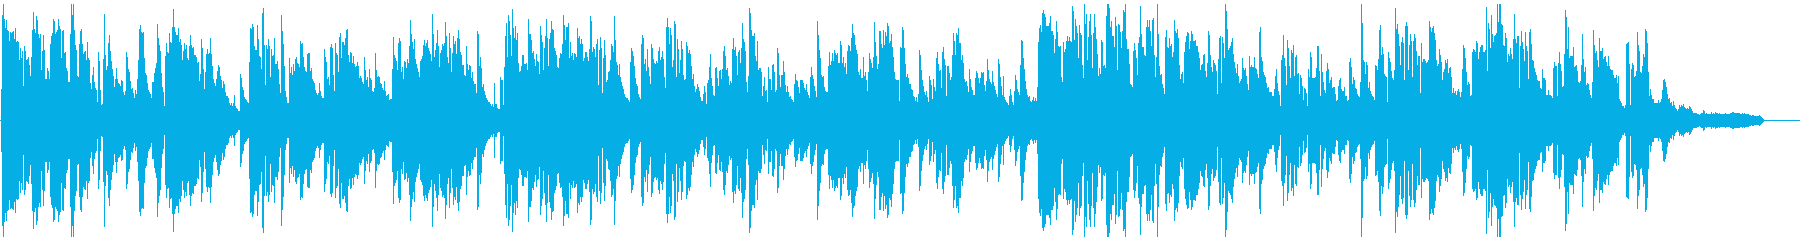 コメディ的なお色気シーンのエロいサックスの再生済みの波形